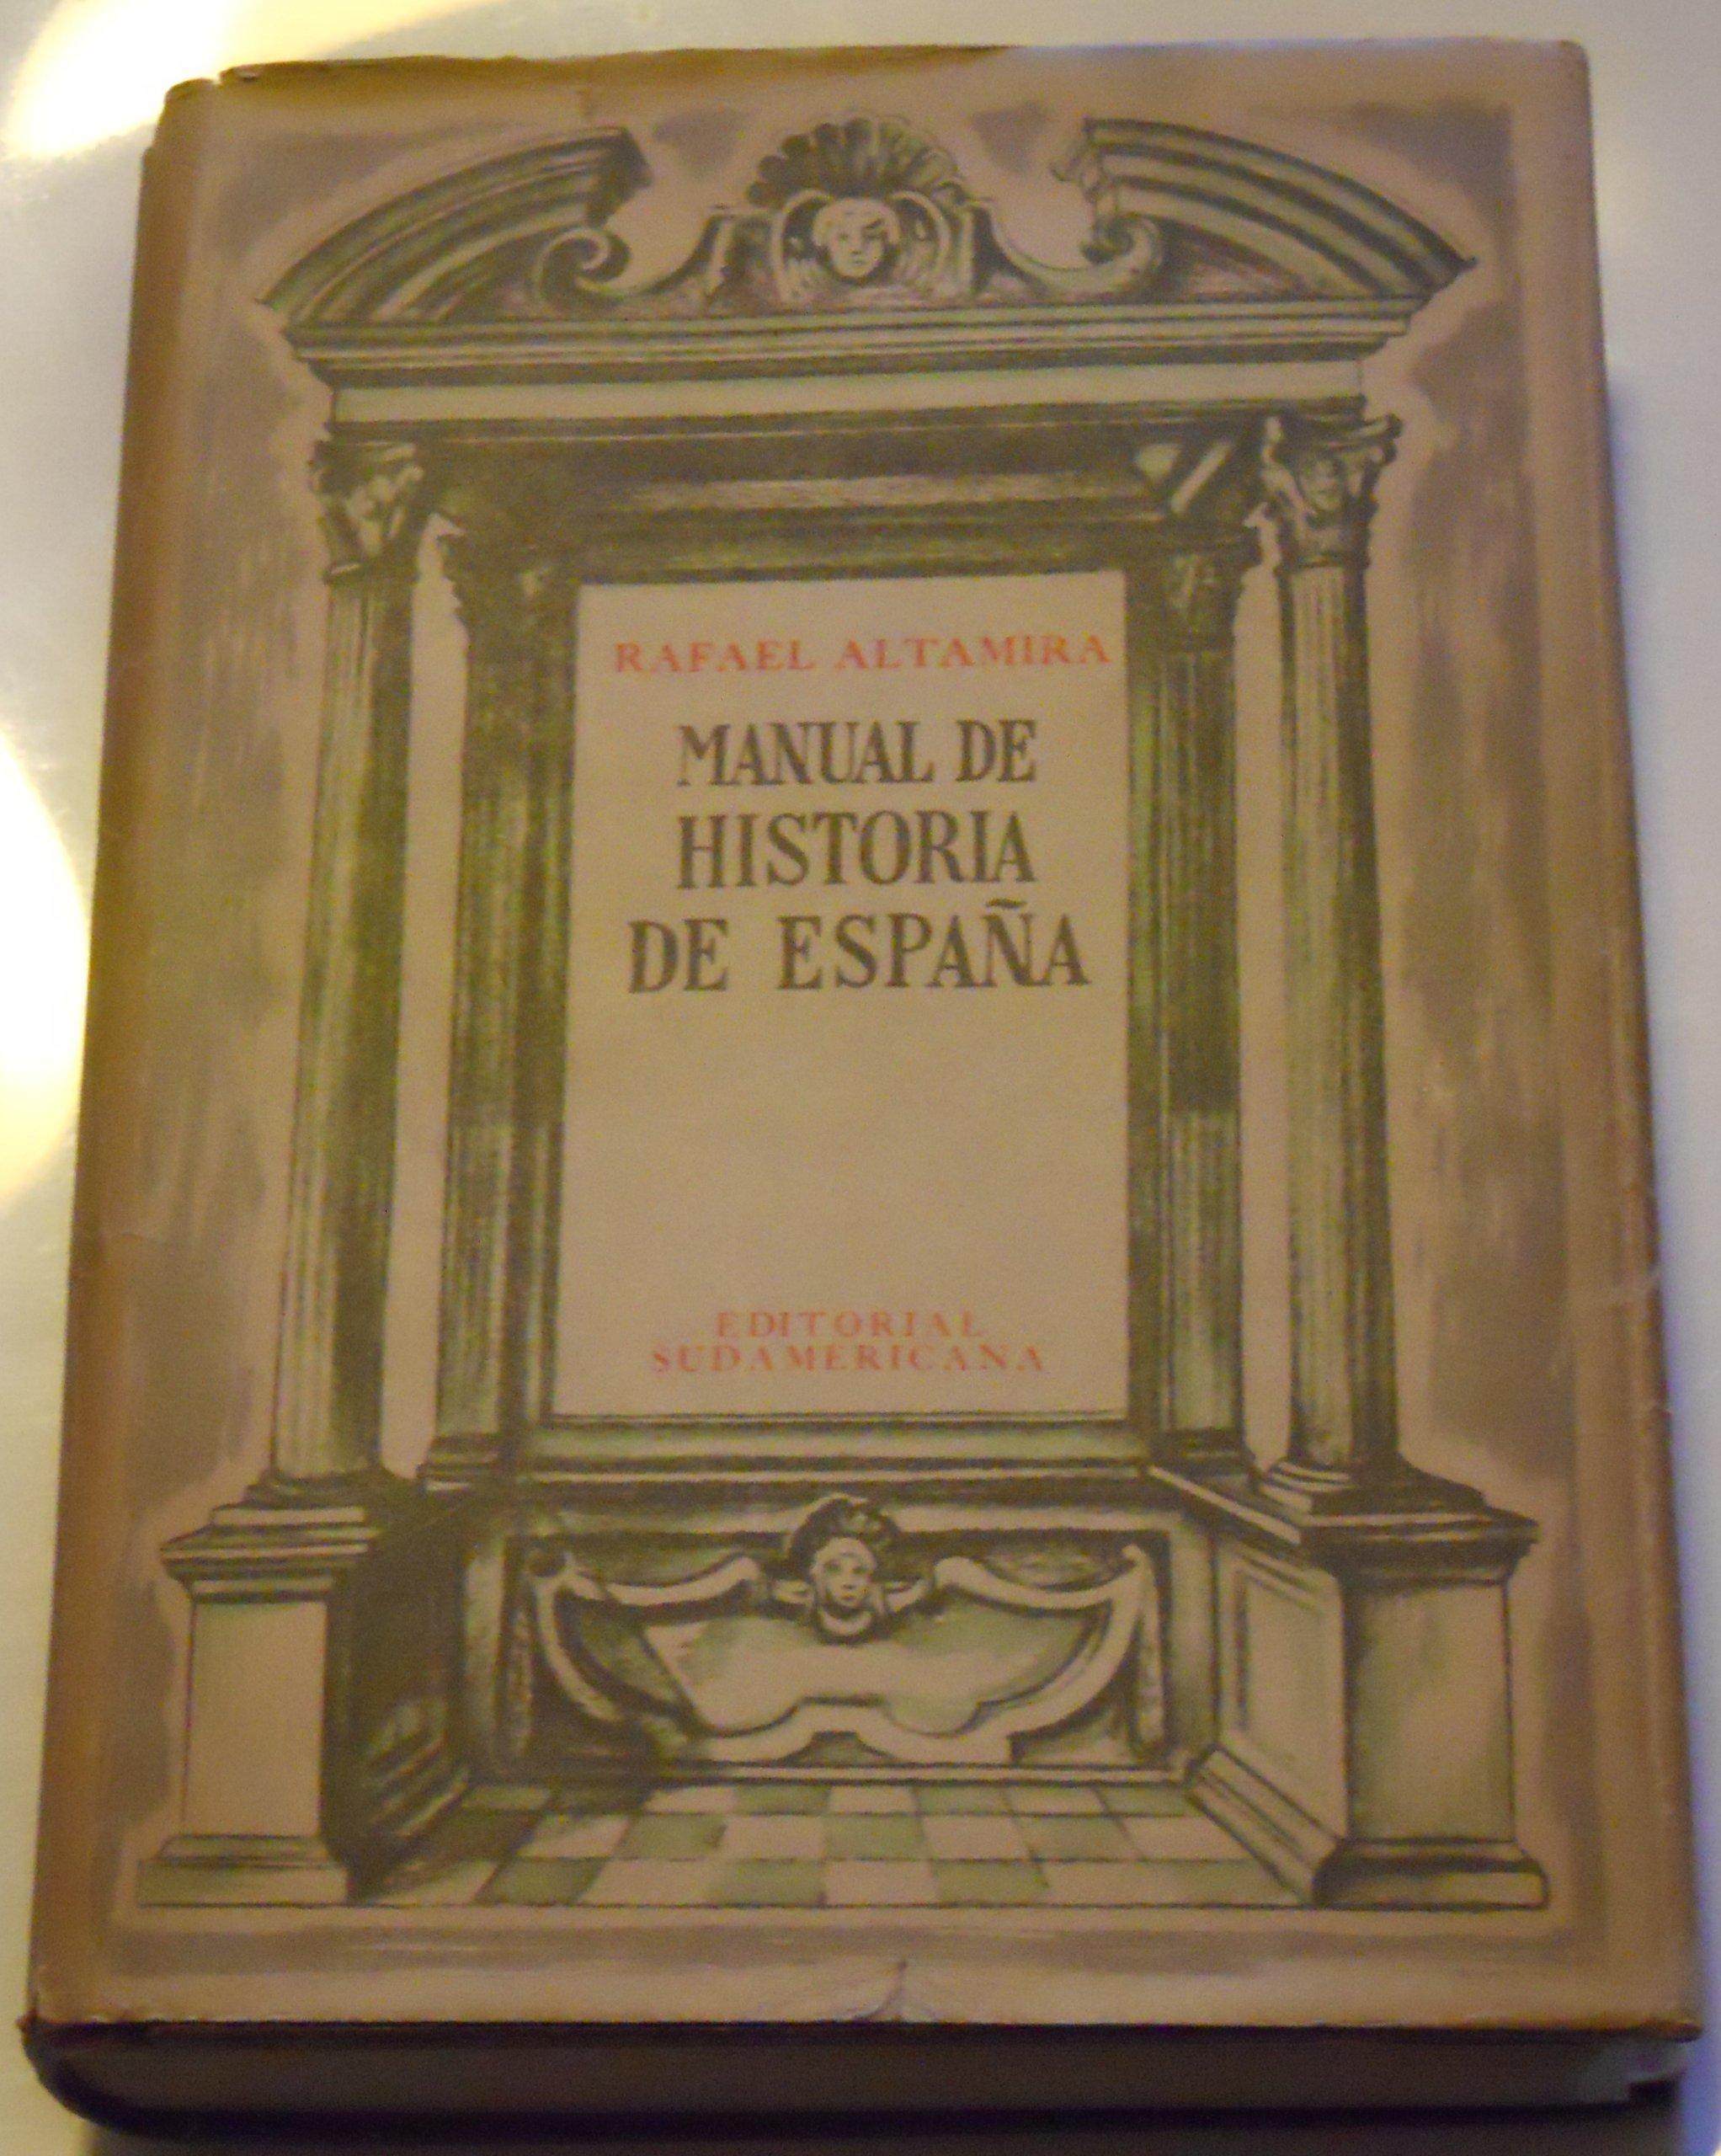 MANUAL DE HISTORIA DE ESPAÑA: Amazon.es: Altamira, Rafael: Libros